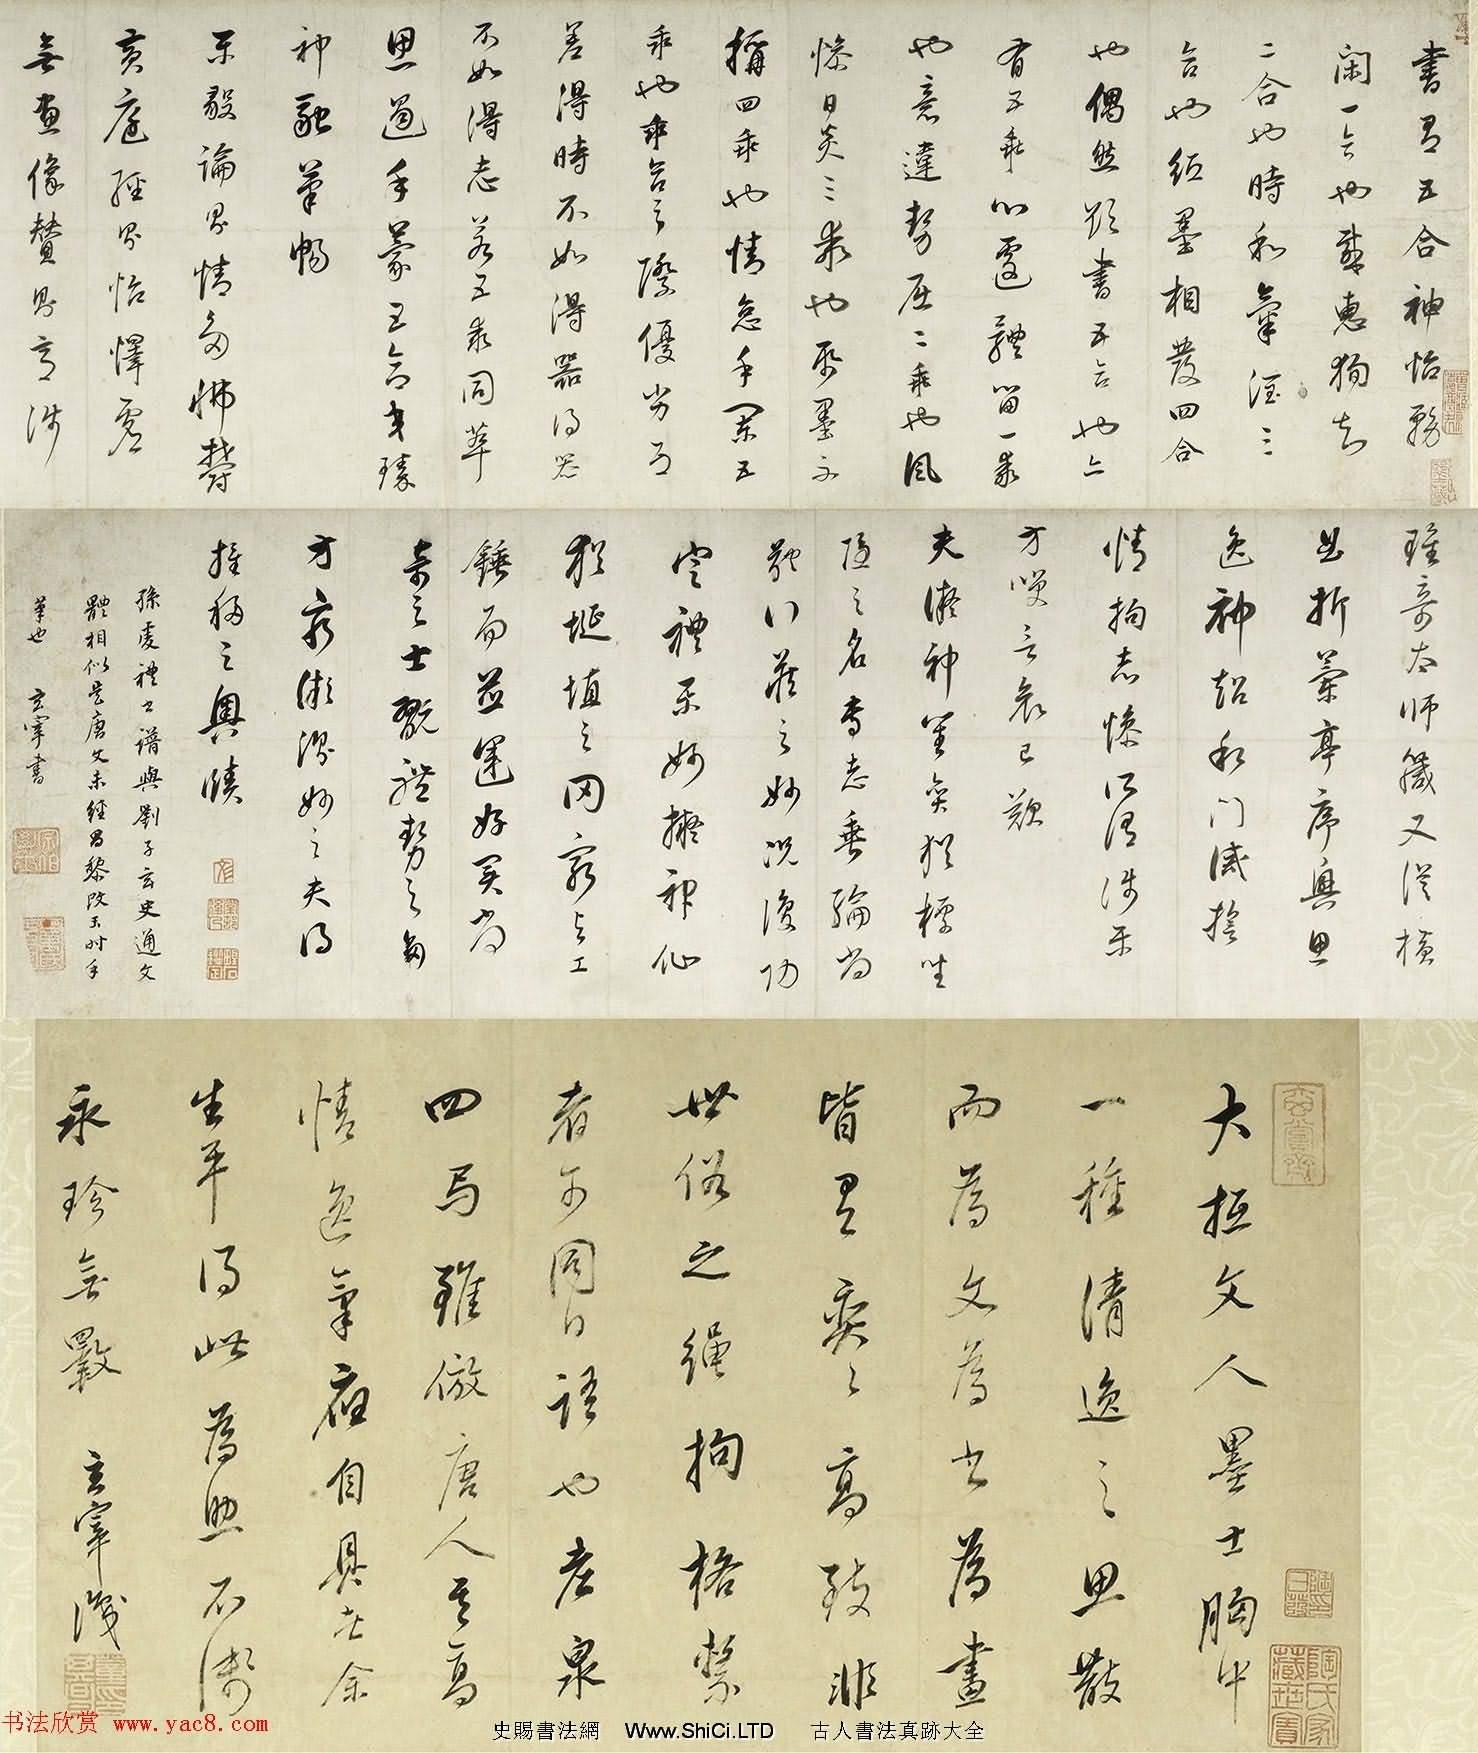 董其昌行書節錄孫過庭書譜卷(共10張圖片)